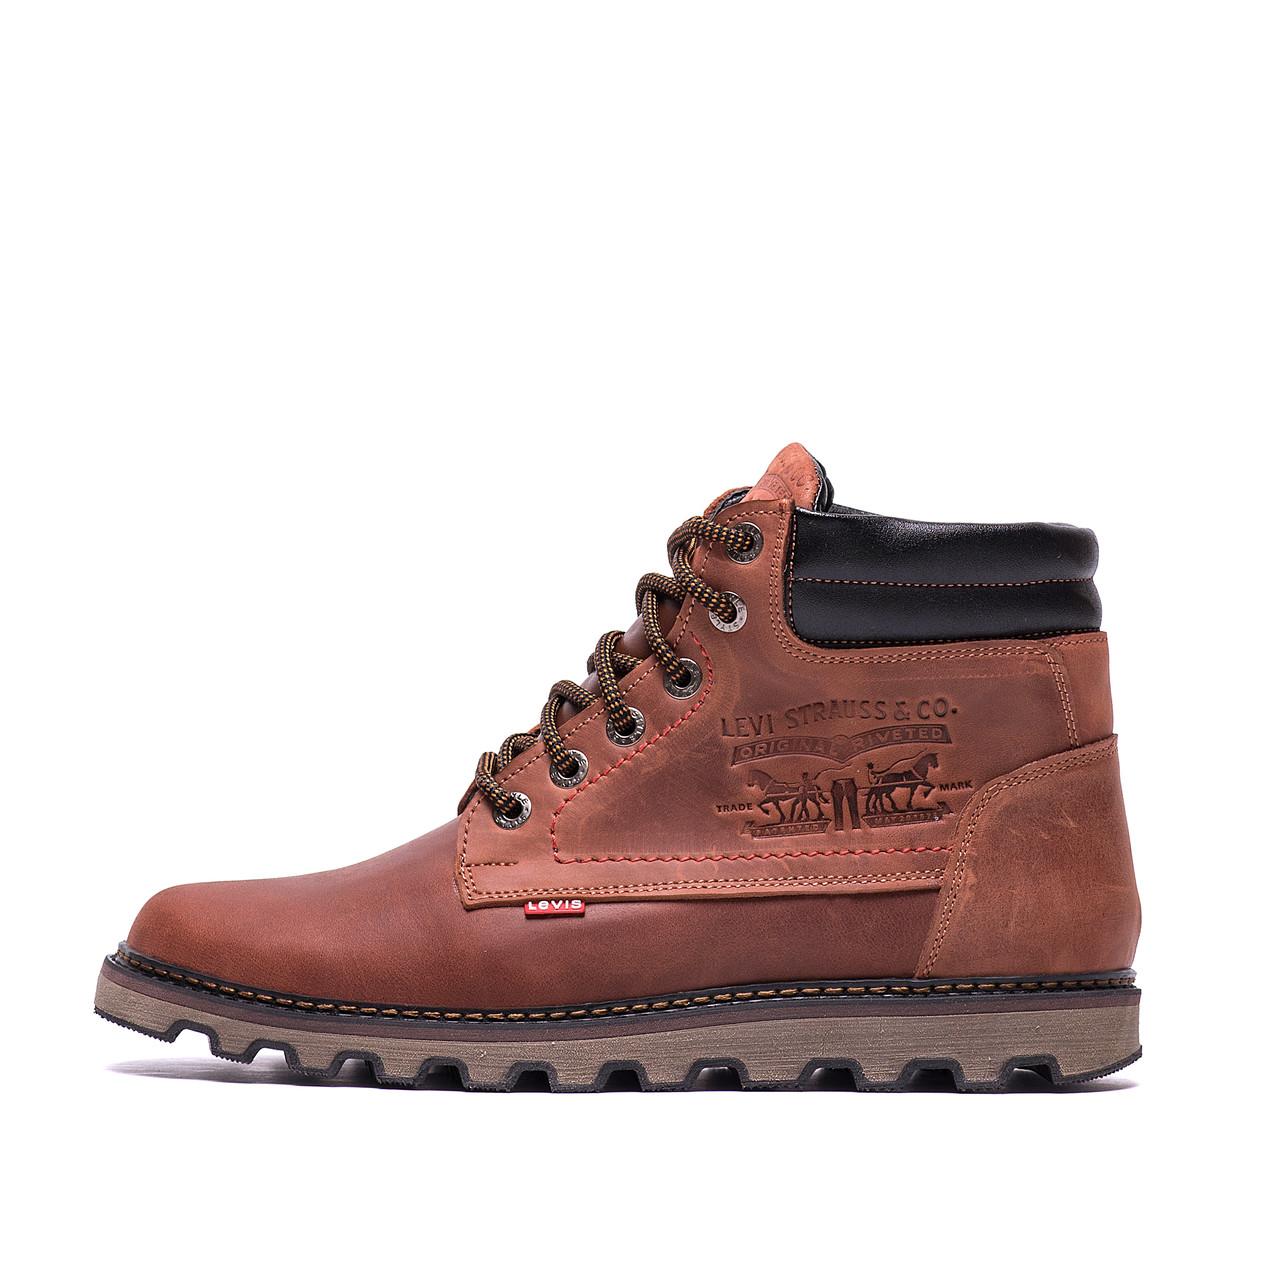 Мужские зимние кожаные ботинки Levis Expensive Fox (реплика)